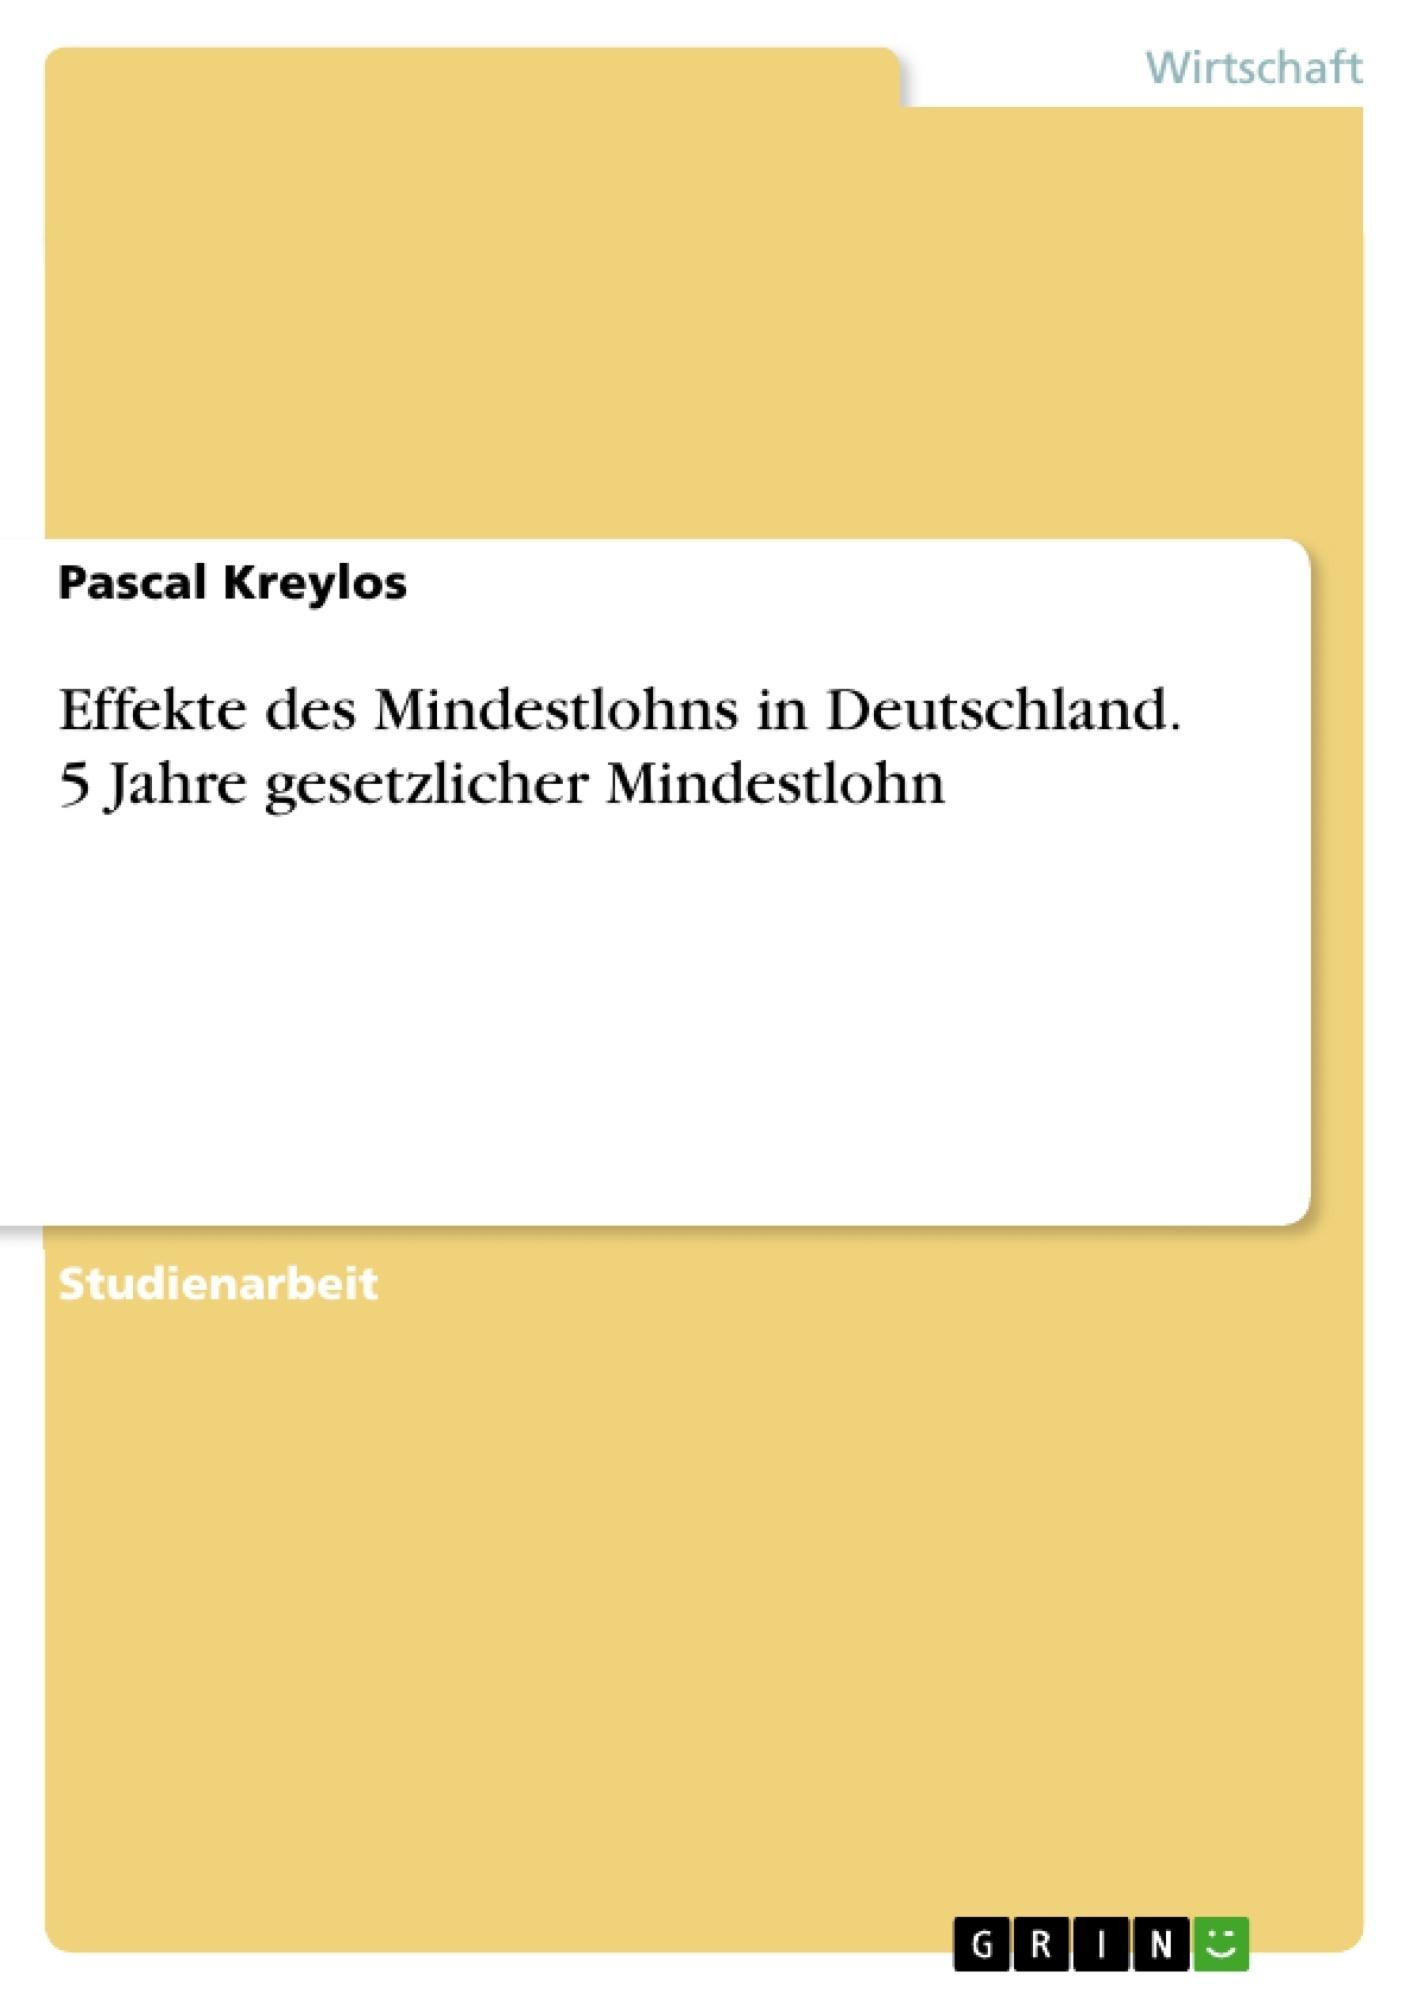 Titel: Effekte des Mindestlohns in Deutschland. 5 Jahre gesetzlicher Mindestlohn